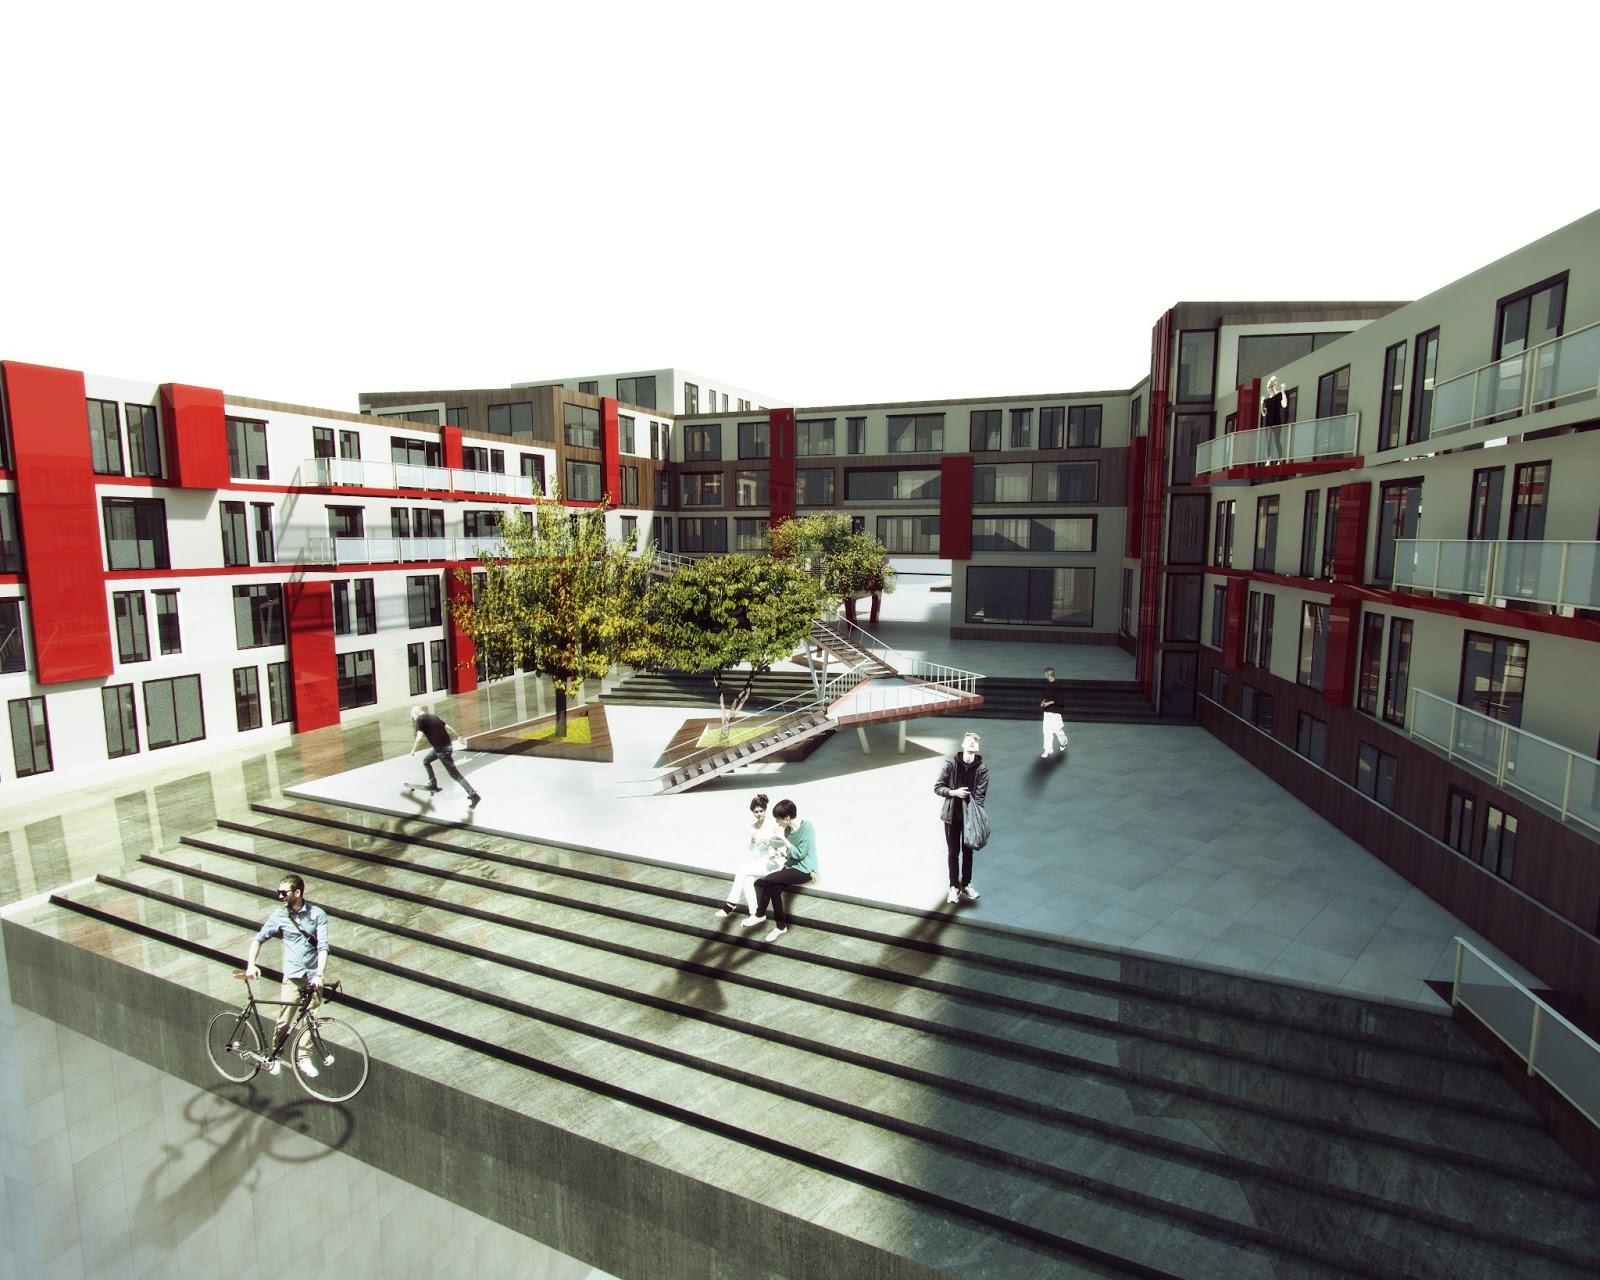 Студенческий городок дипломный проект магистра nadezhda  Студенческий городок дипломный проект магистра Студенческий городок строительной академии в г Одесса 2013 год